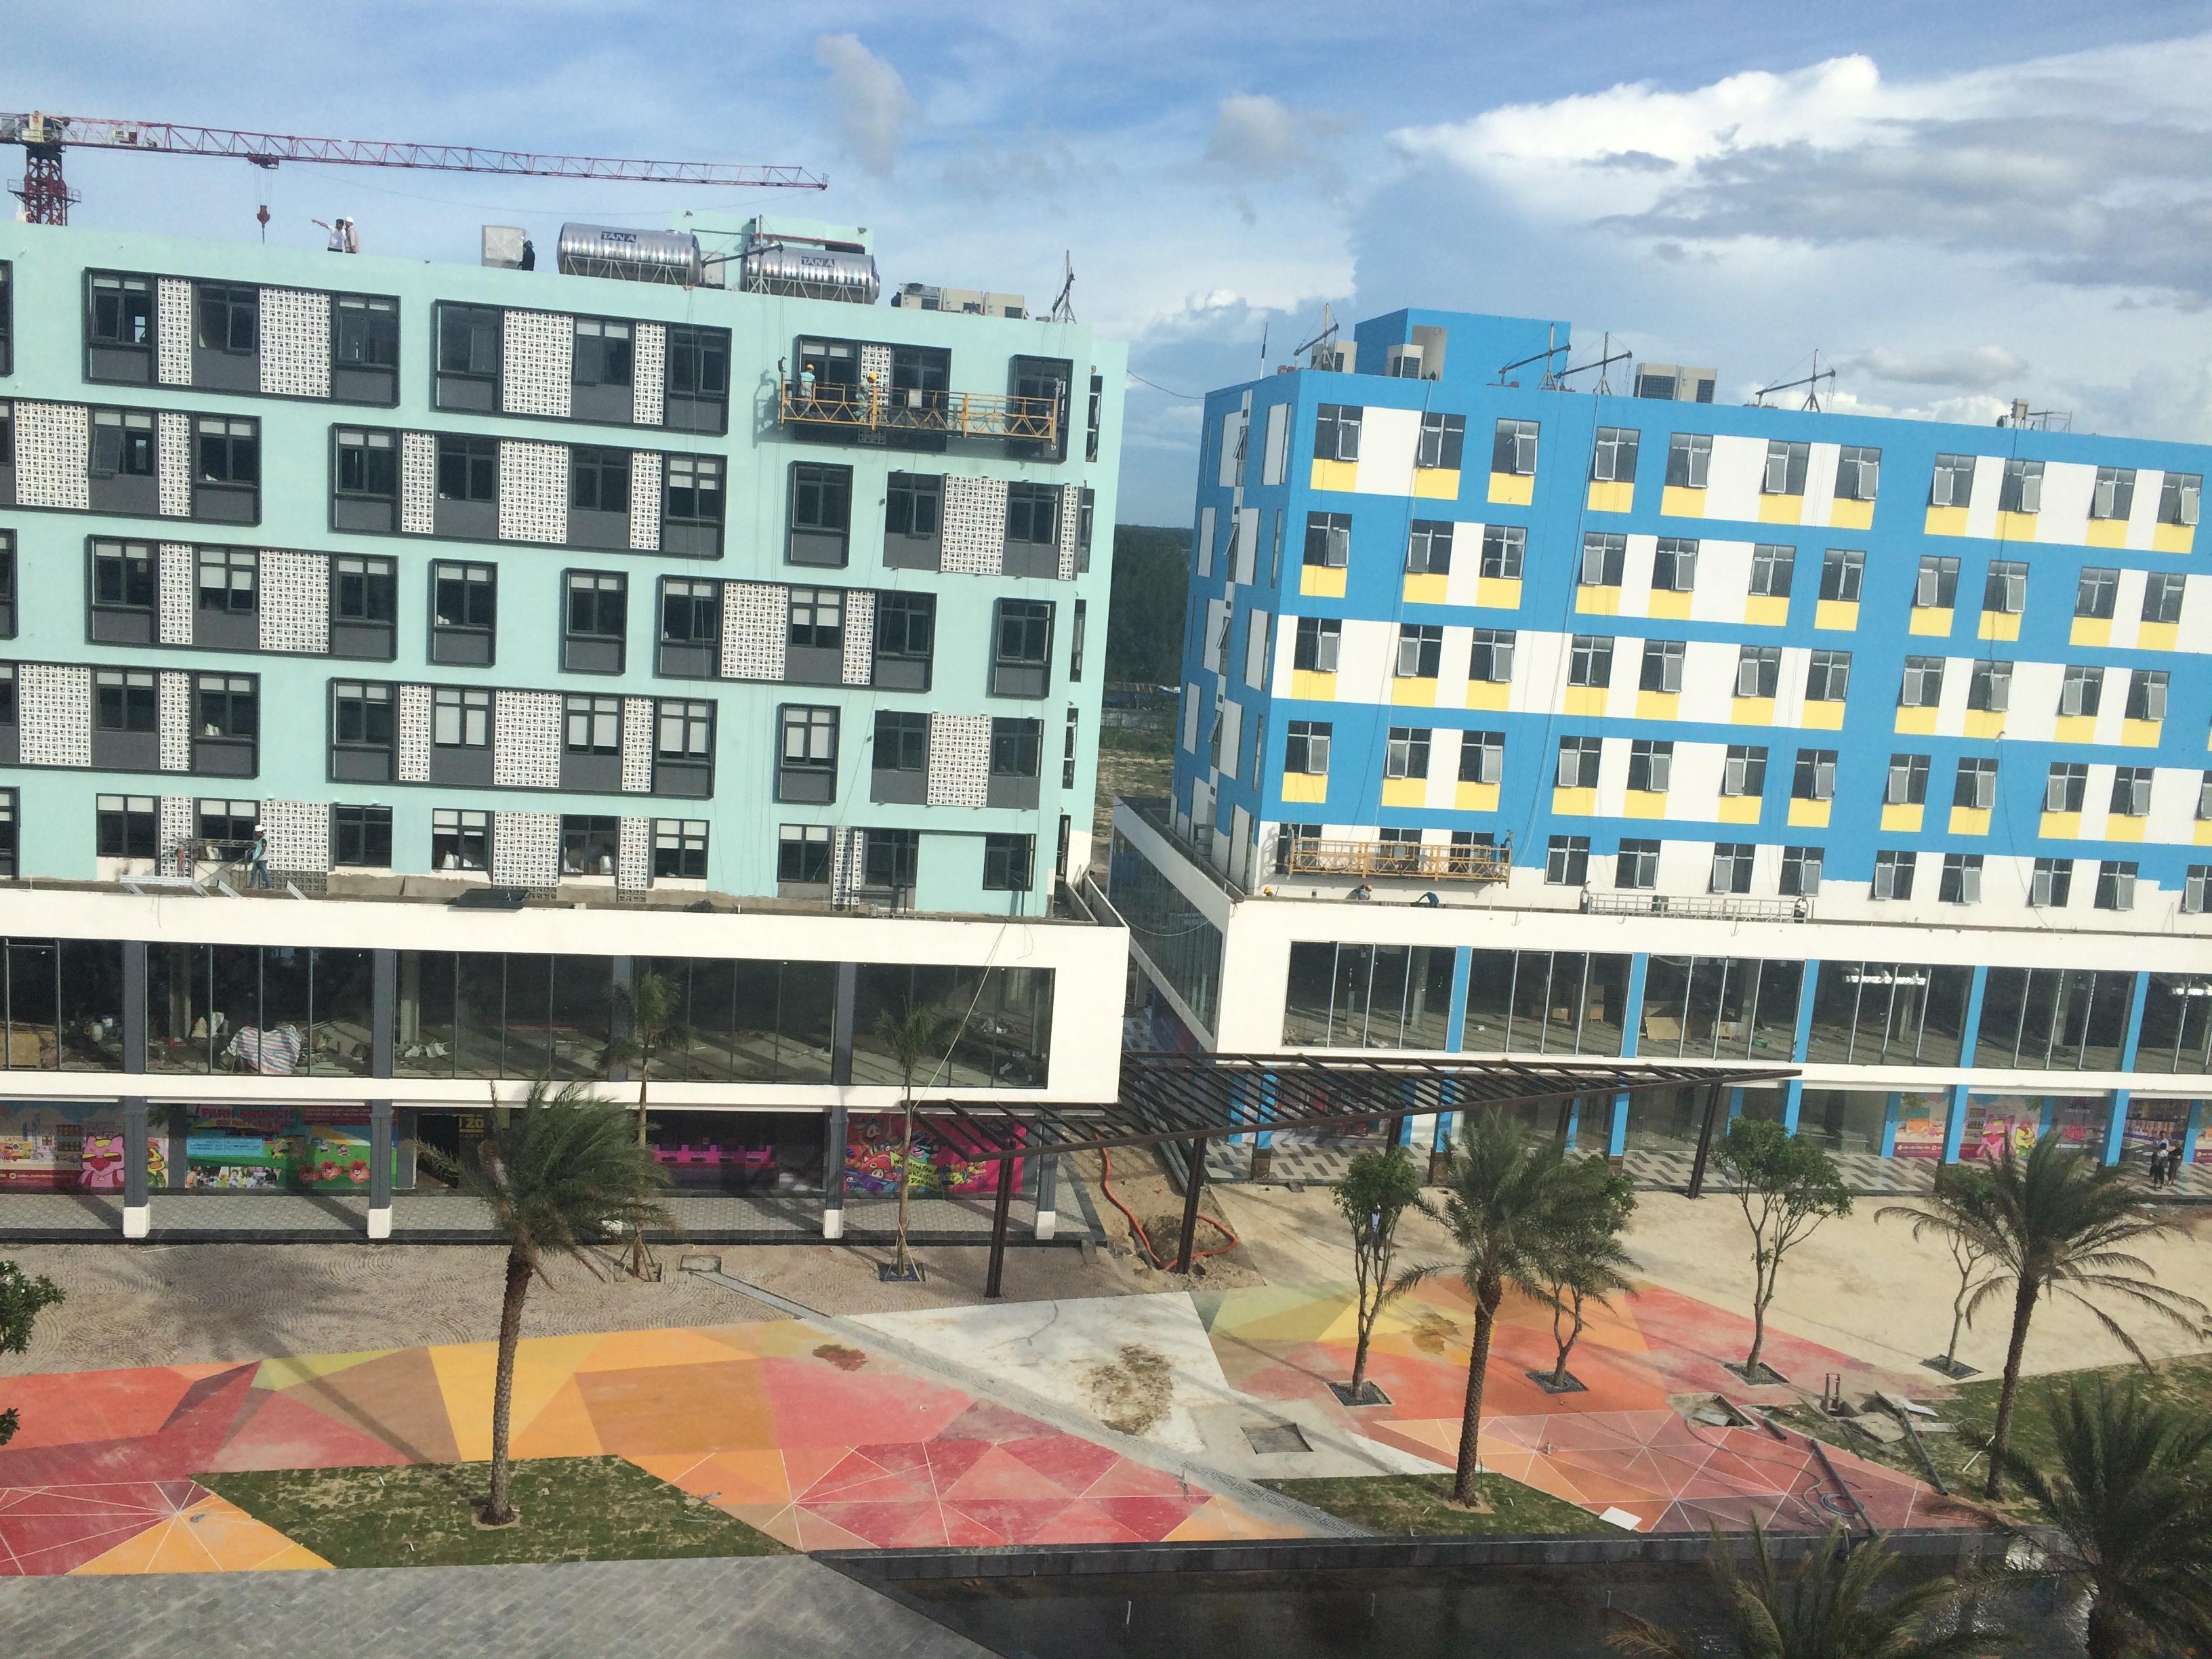 Tiến độ xây dựng Cocobay Đà Nẵng